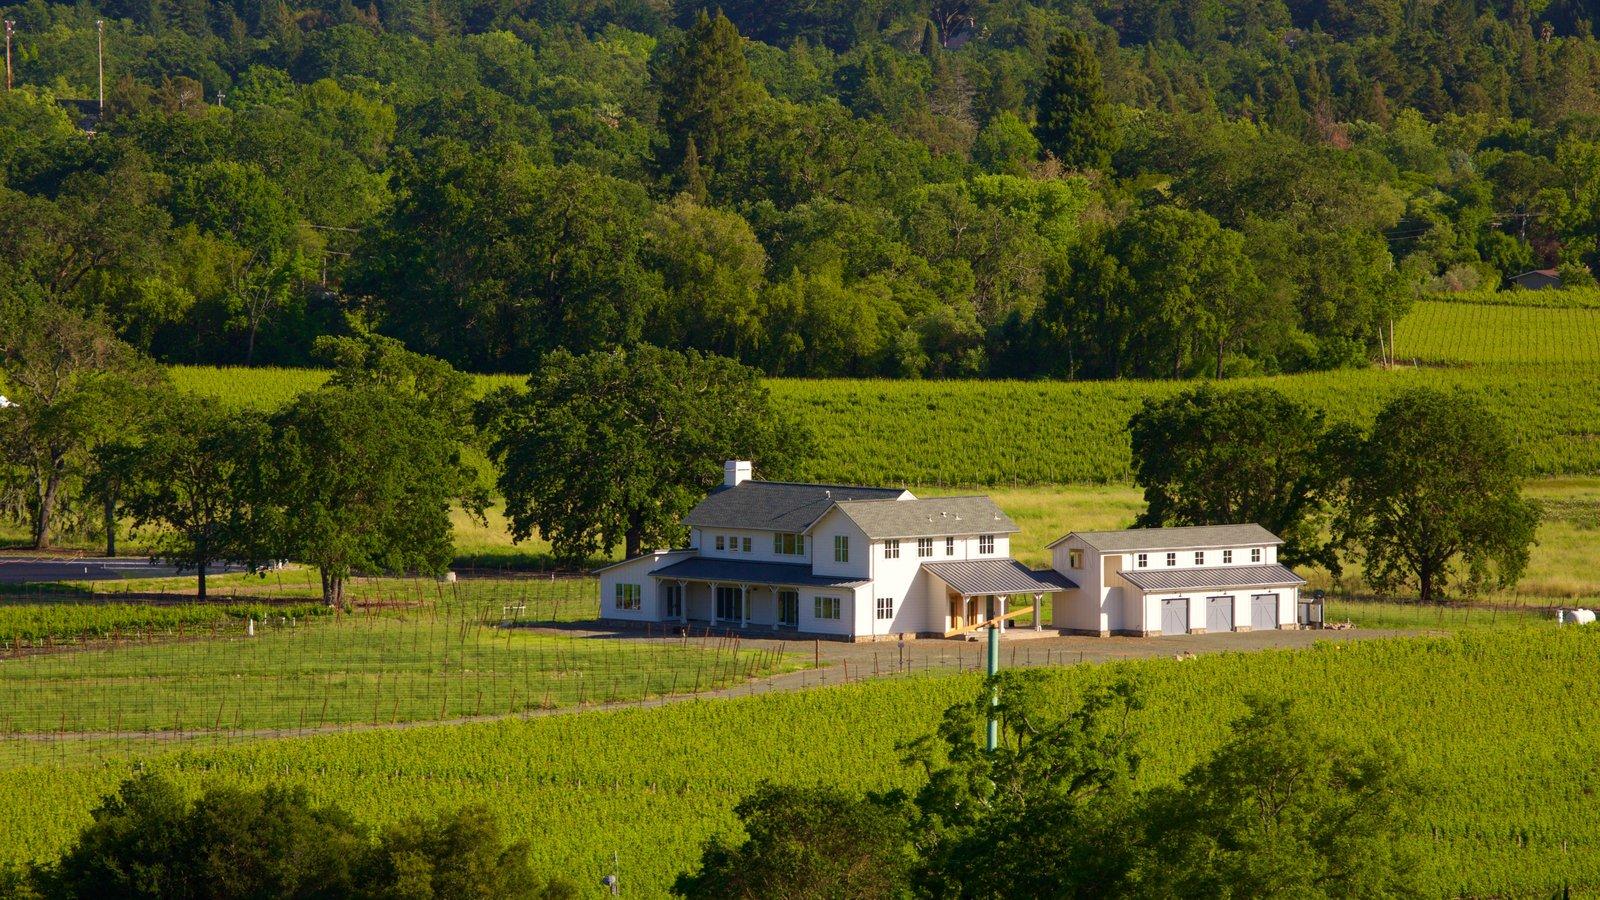 Napa Valley que incluye escenas tranquilas, tierras de cultivo y una casa